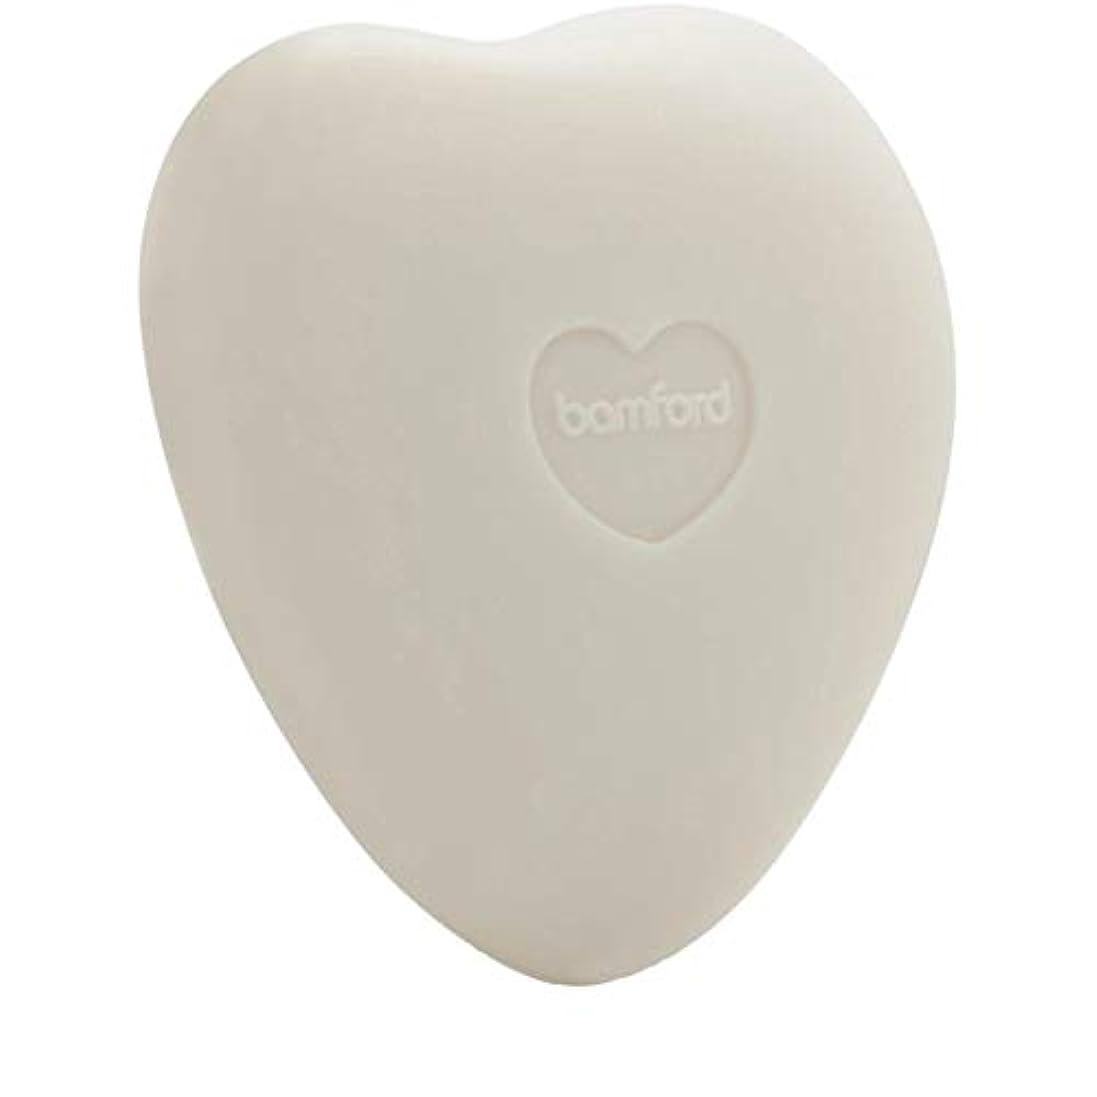 休憩それによって水分[Bamford ] バンフォードジャスミン小石石鹸250グラム - Bamford Jasmine Pebble Soap 250g [並行輸入品]